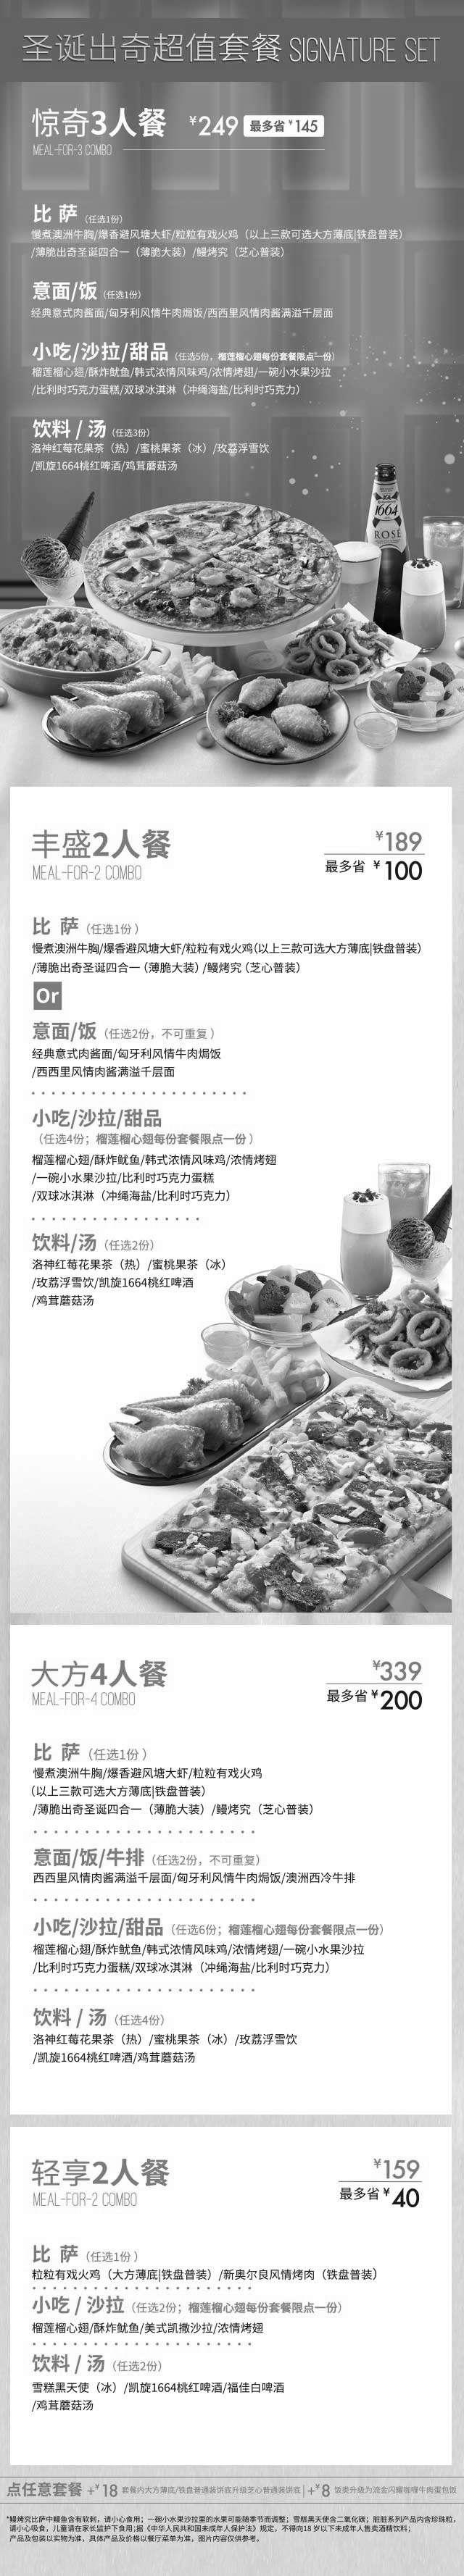 黑白优惠券图片:必胜客圣诞出奇超值套餐,2人套餐159元起,3人套餐249元,4人套餐339元 - www.5ikfc.com